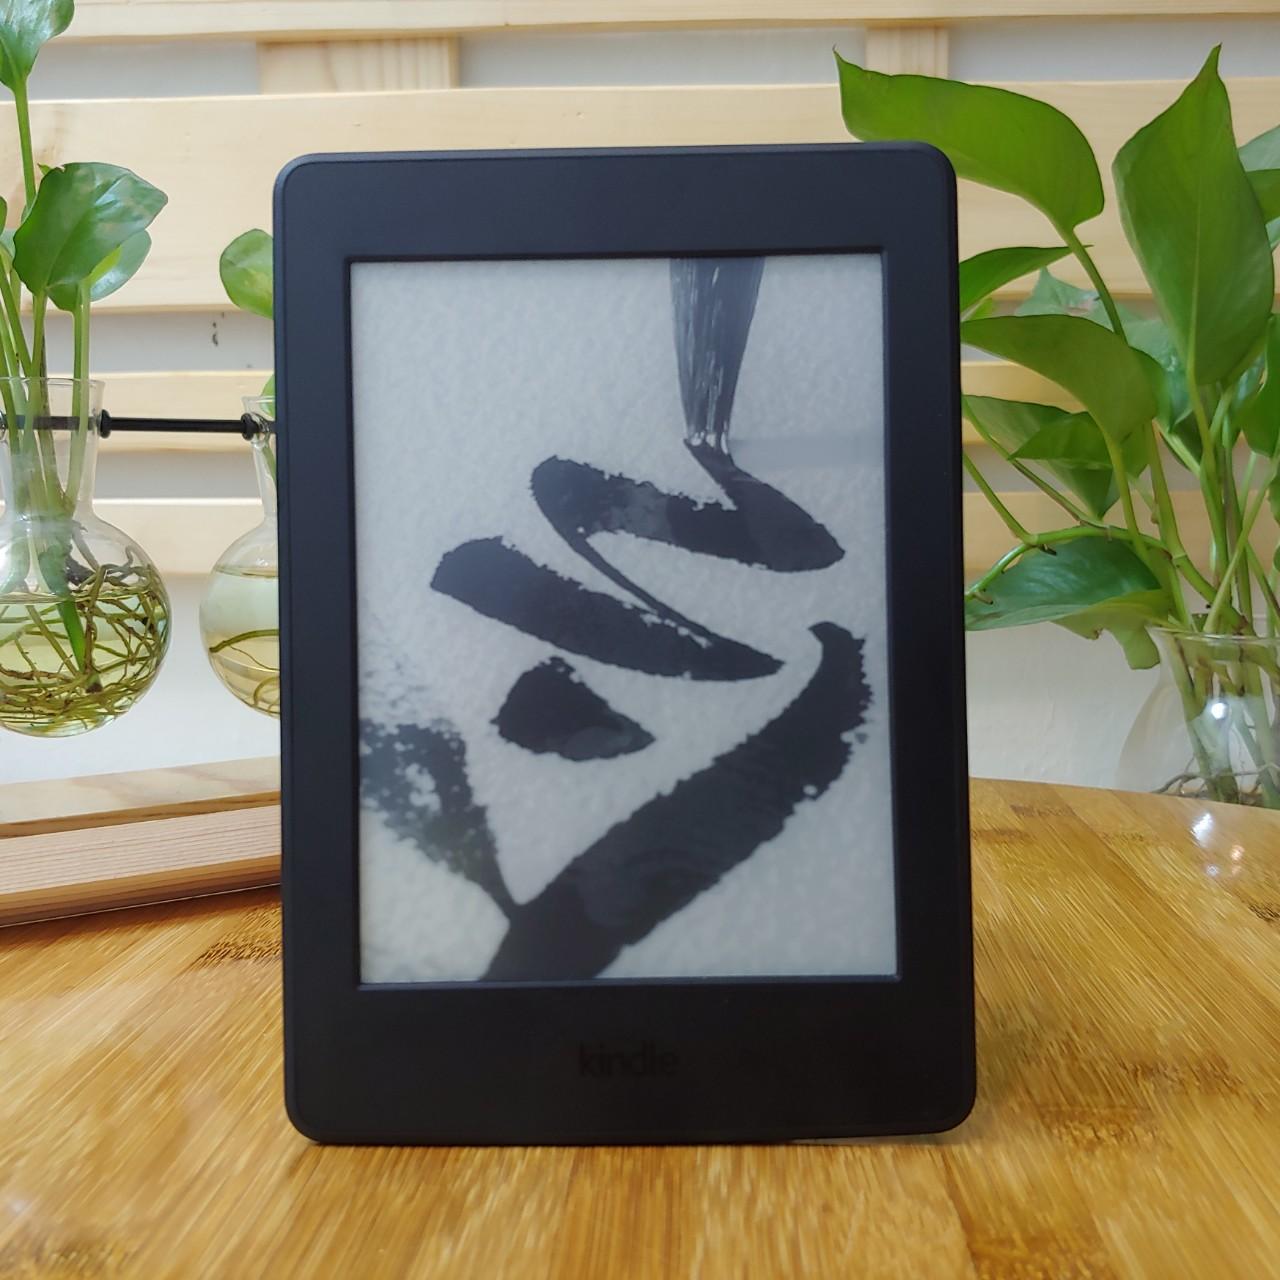 [Used Good] Máy đọc sách Kindle Paperwhite Gen 3 (7th) (PPW3) bộ nhớ 4GB có đèn nền, wifi